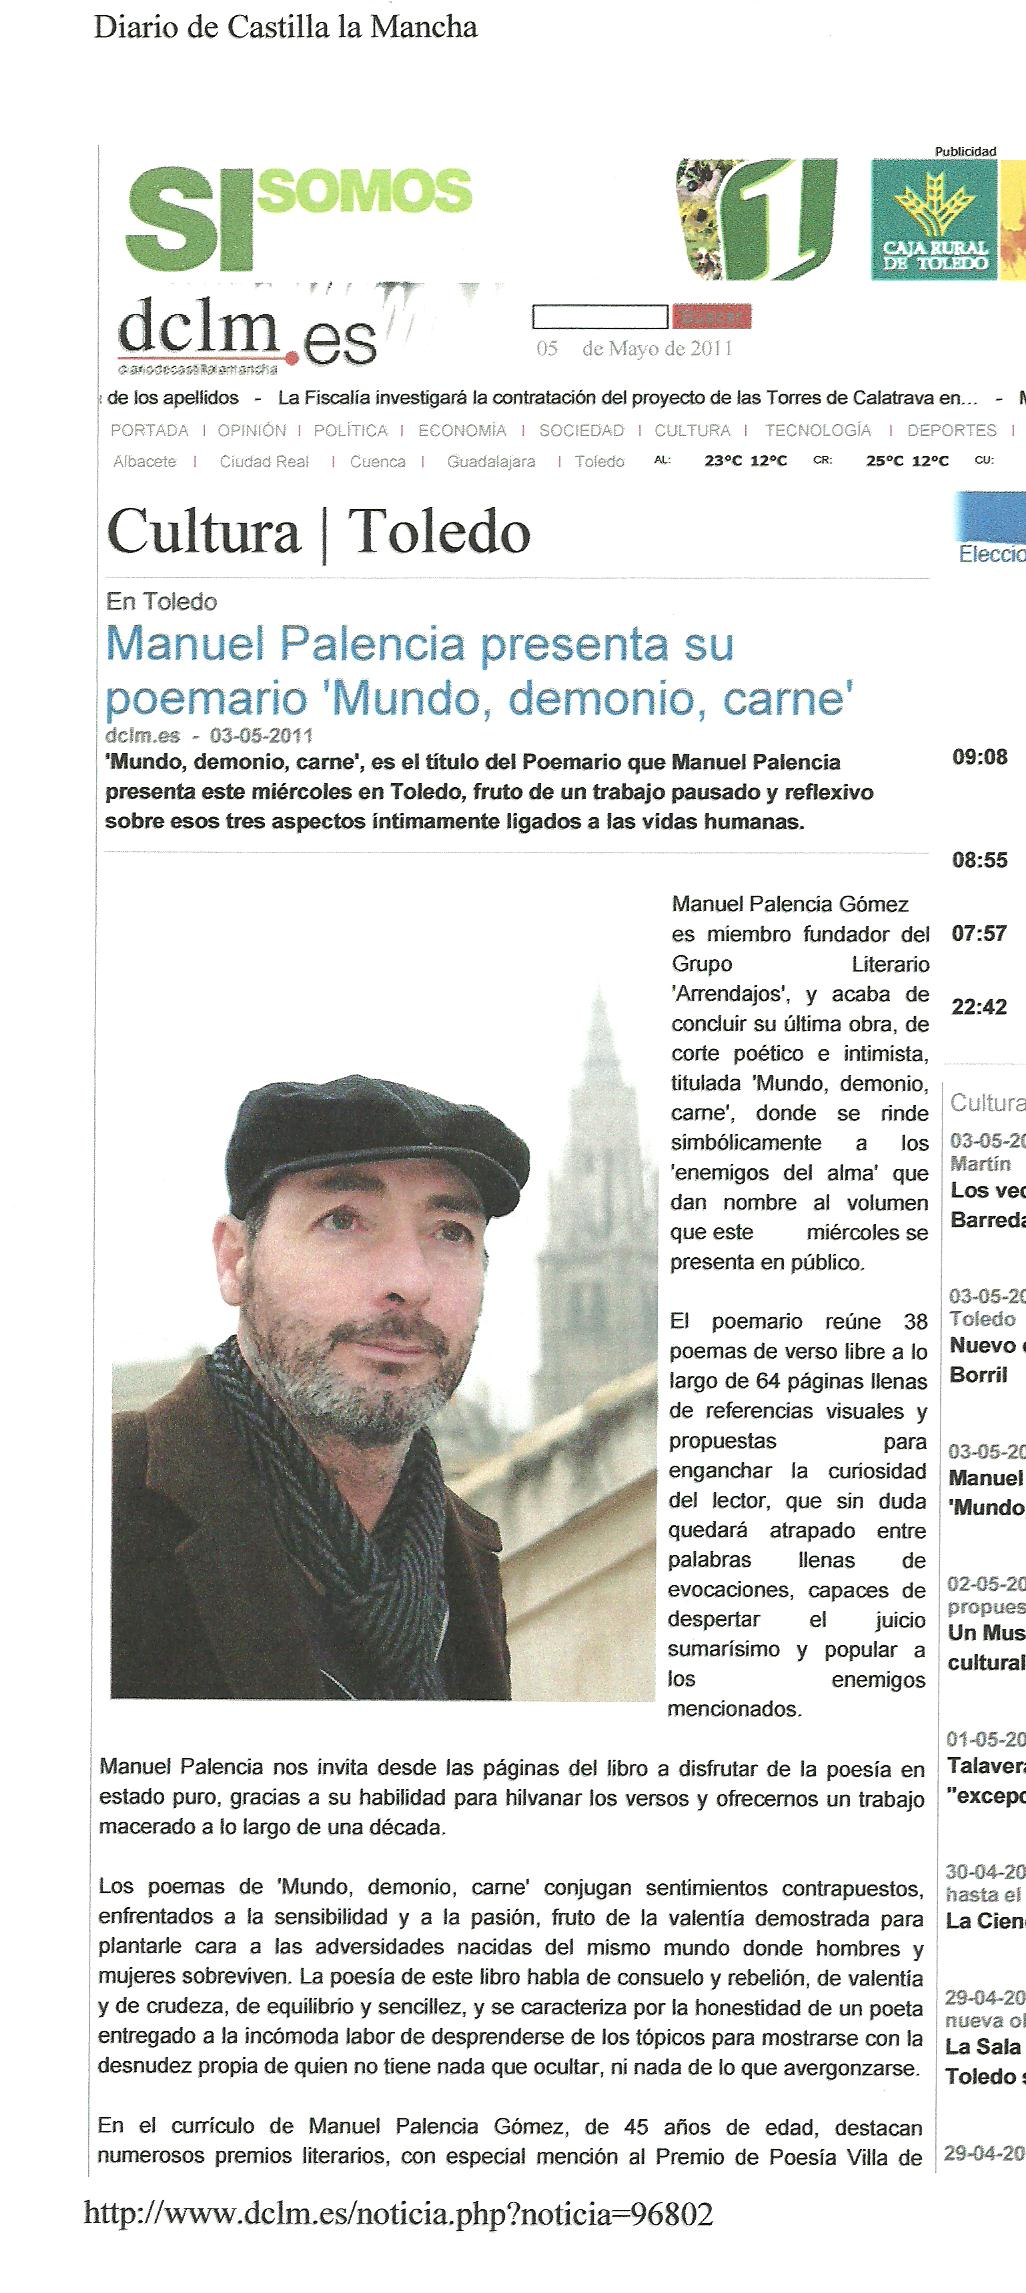 """DIARIO DE CASTILLA LA MANCHA: Manuel Palencia presenta su poemario """"Mundo, demonio, carne""""."""